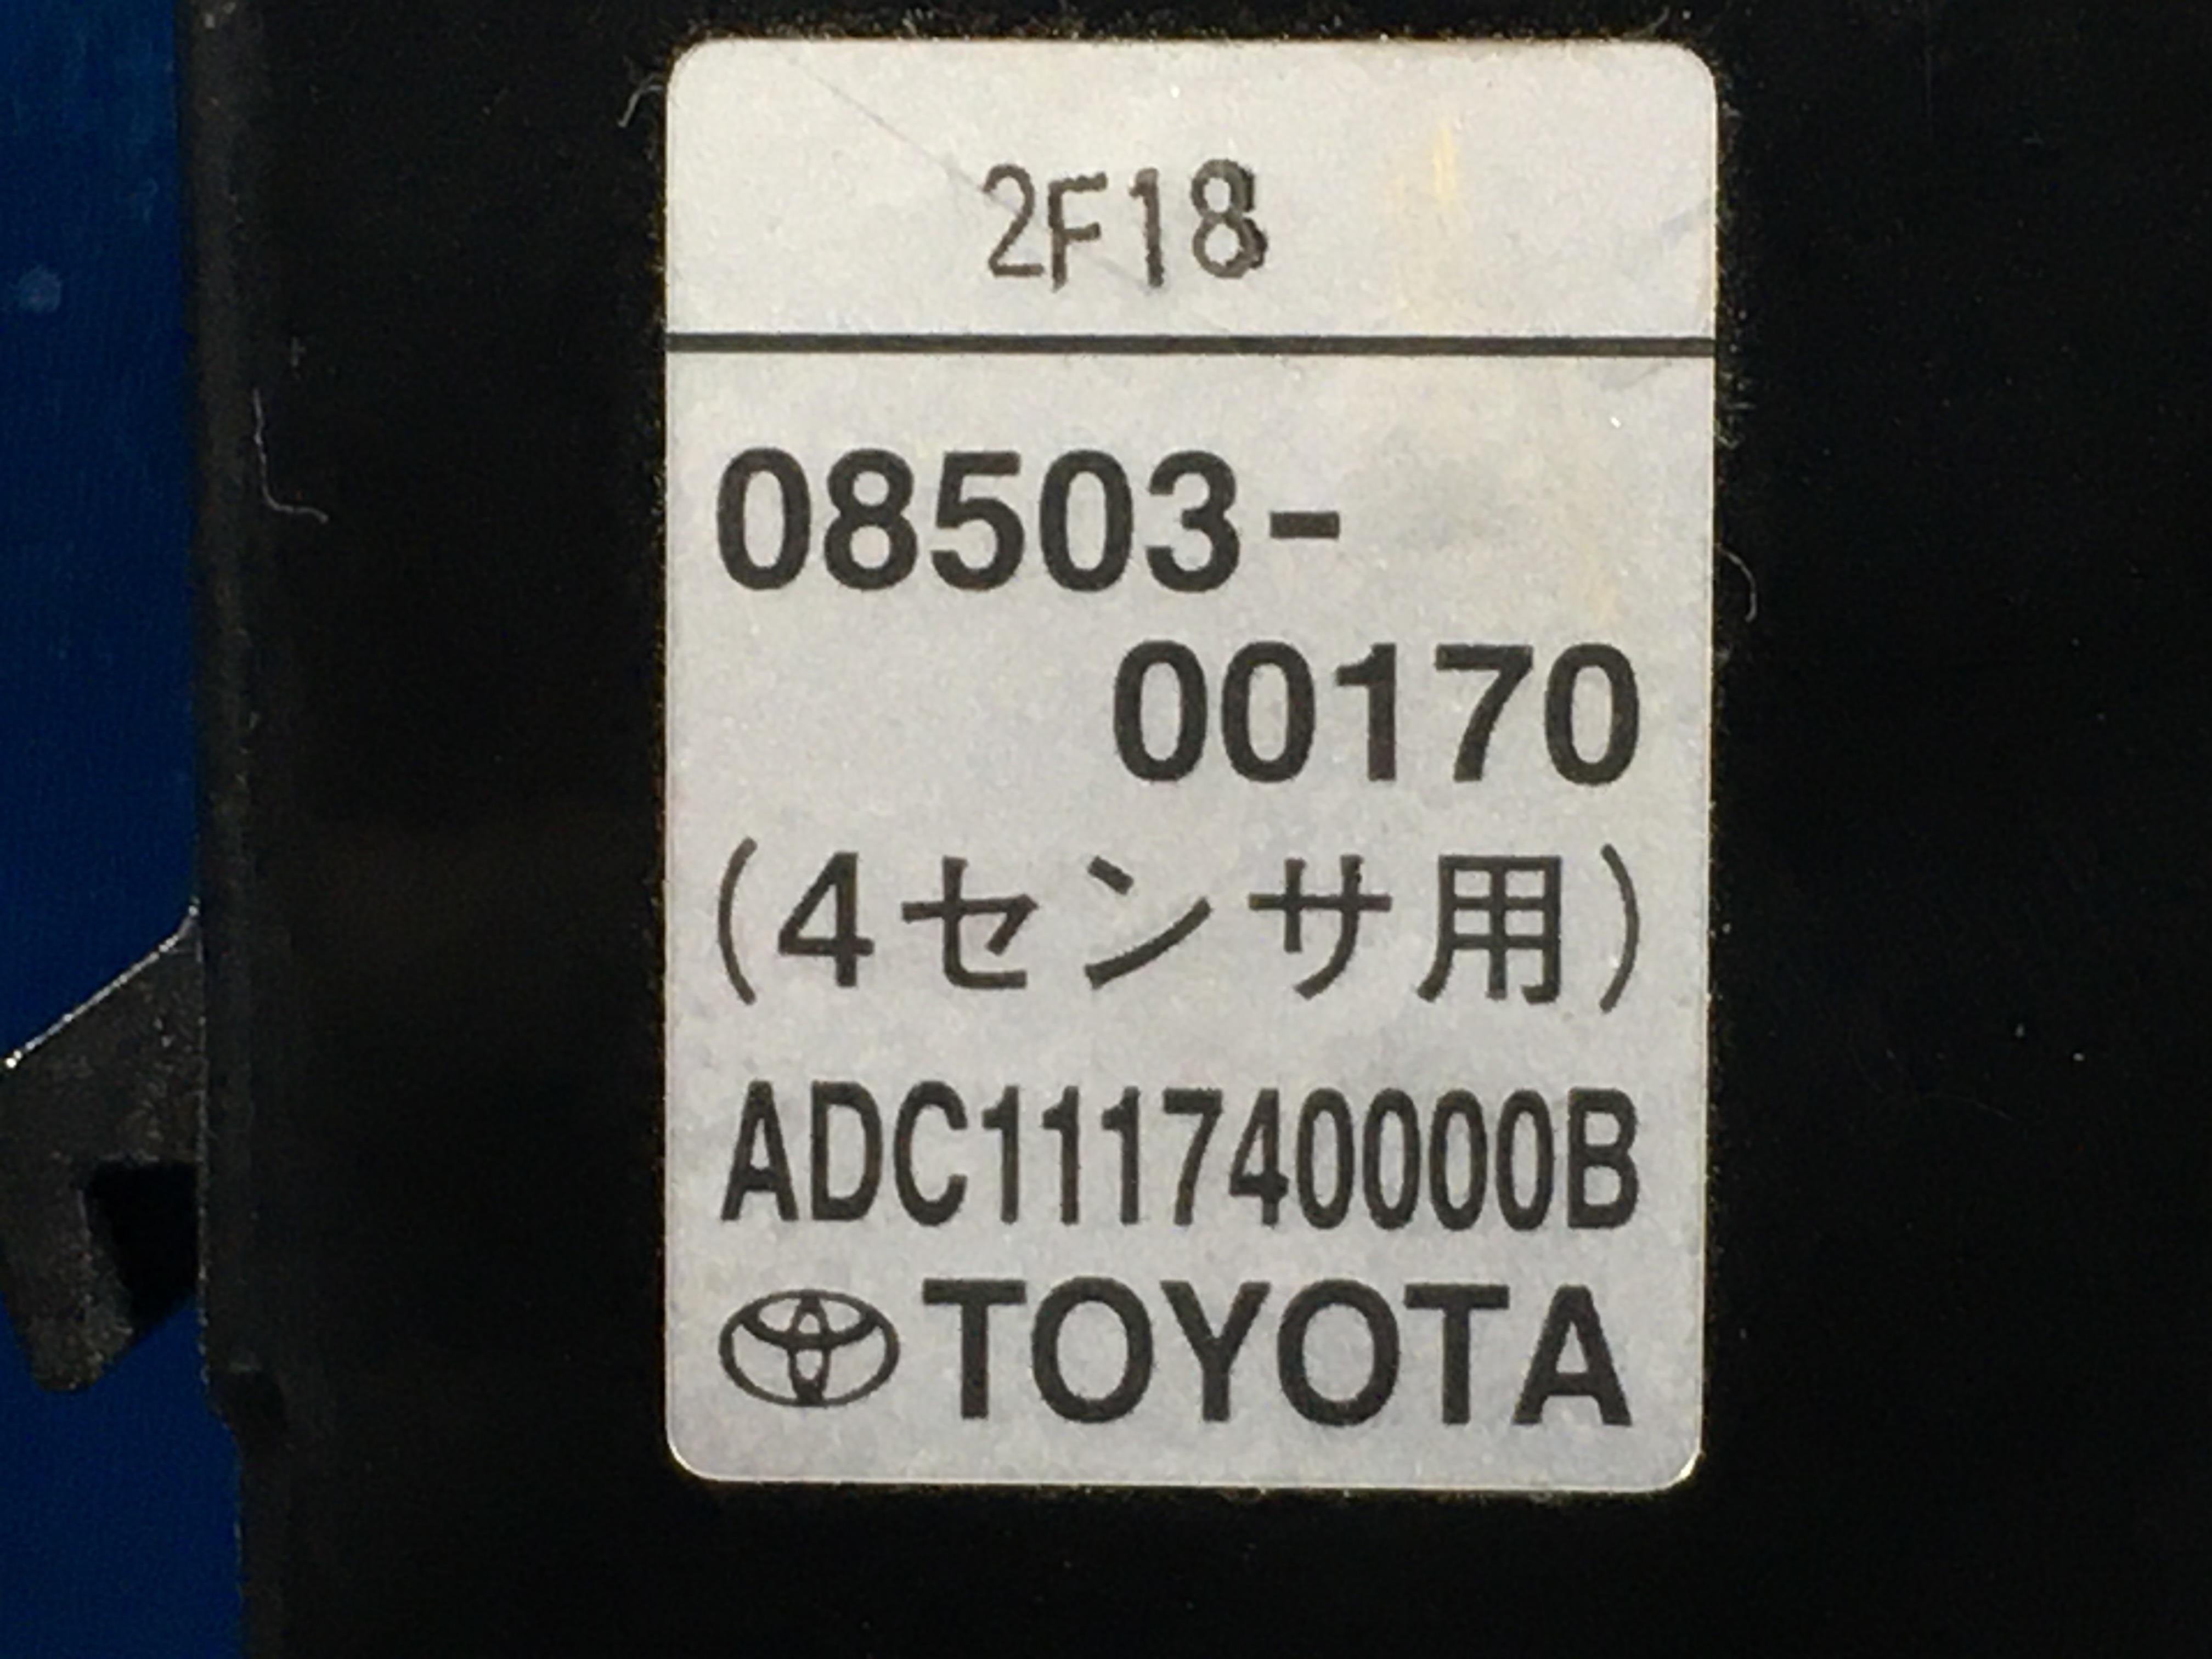 ソナーコンピューター - アクア  Ref:SP275855_9798     3/4